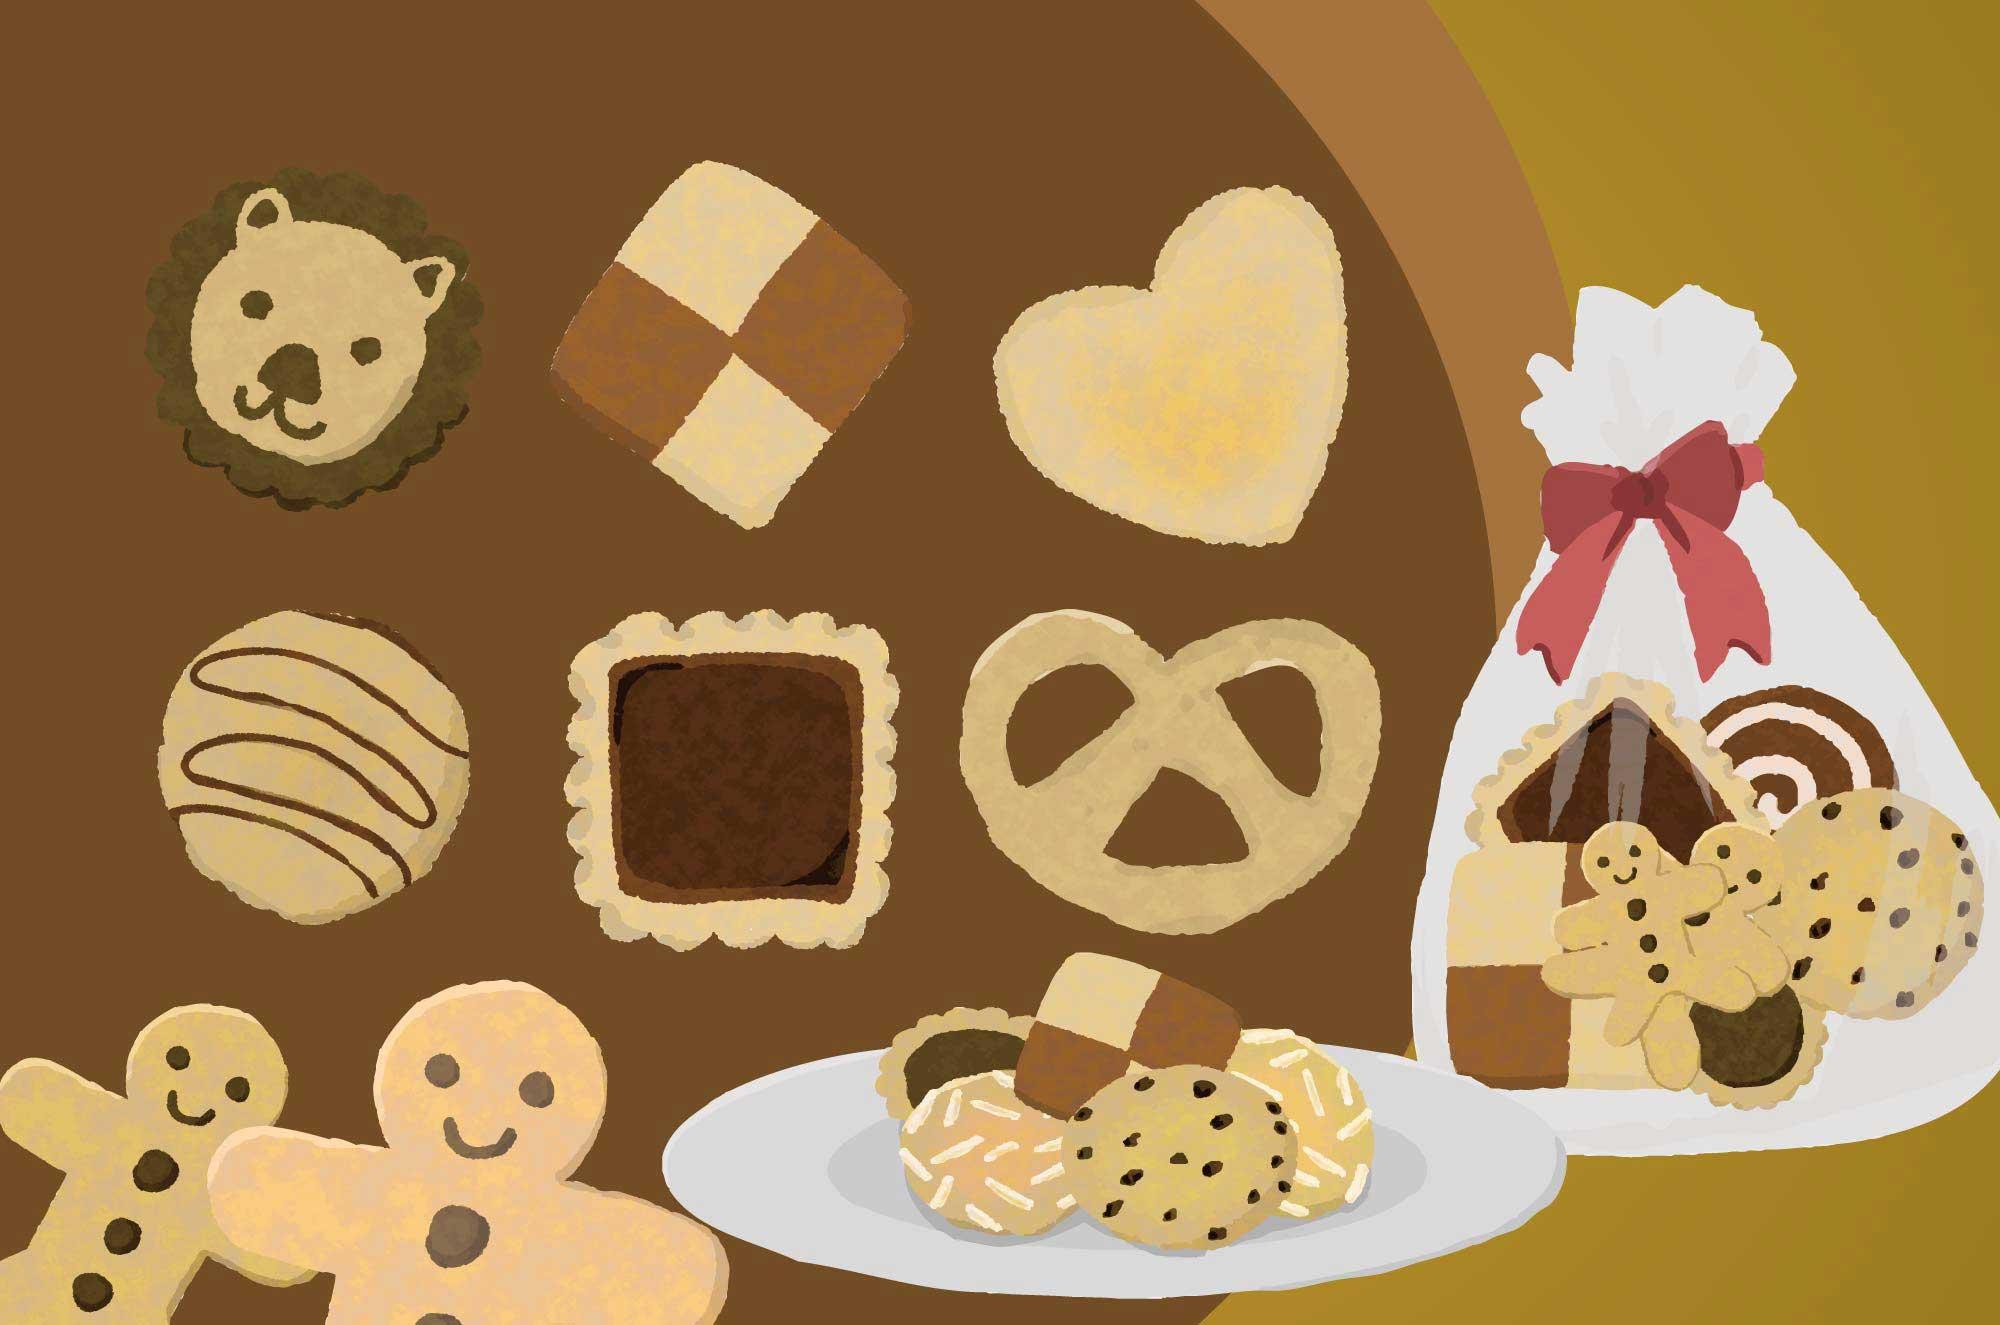 クッキーイラスト - 美味しそうで可愛いお菓子の無料素材